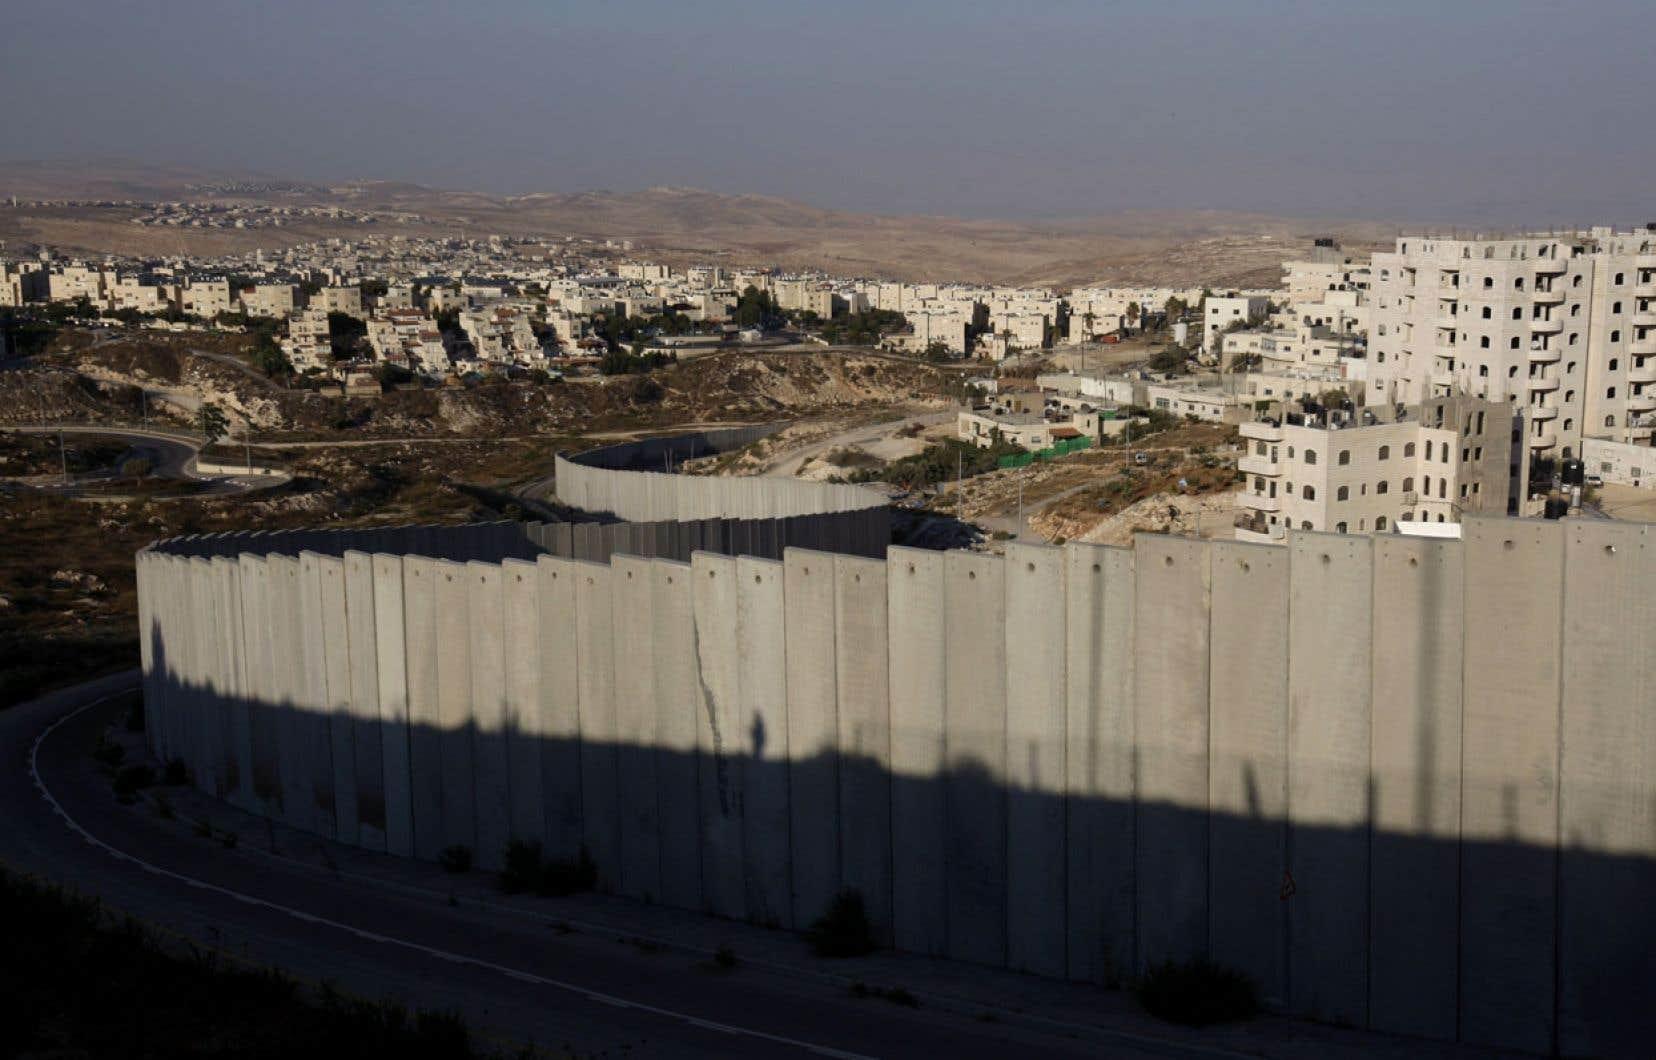 L'armée israélienne veut faire passer le «mur de l'apartheid» sur un site à forte valeur patrimoniale.